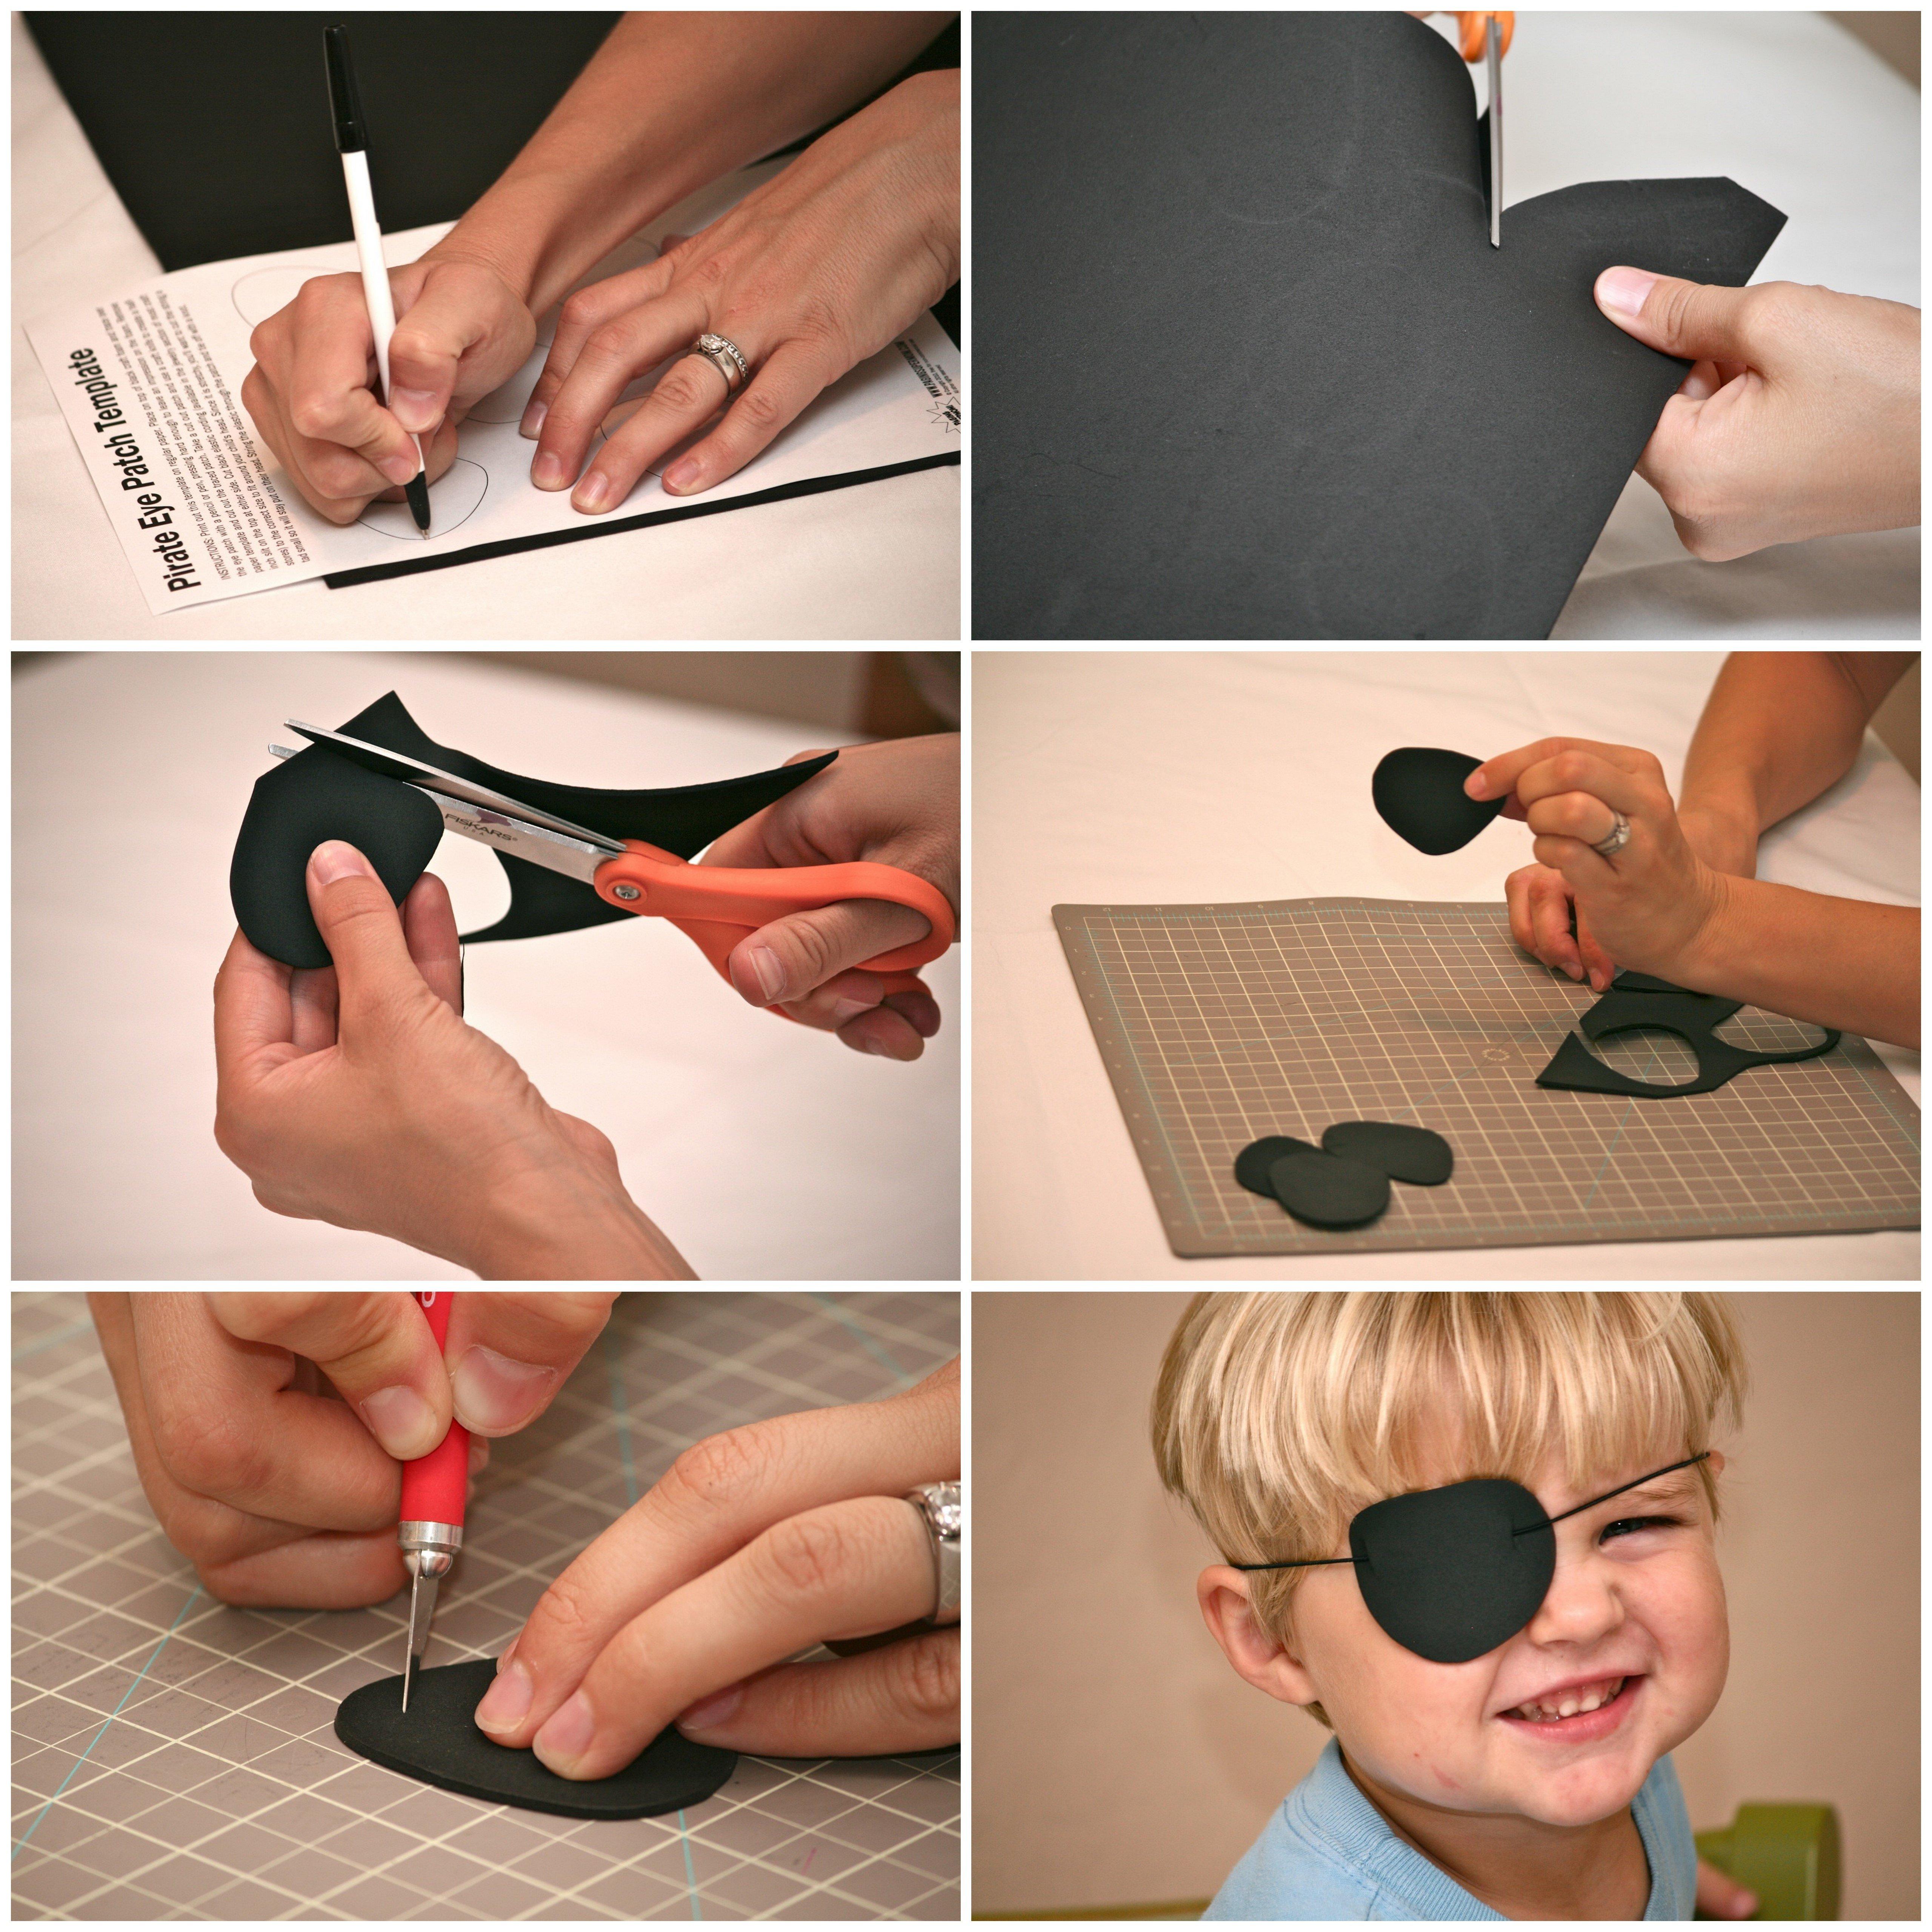 Как сделать пиратскую повязку на глаз своими руками